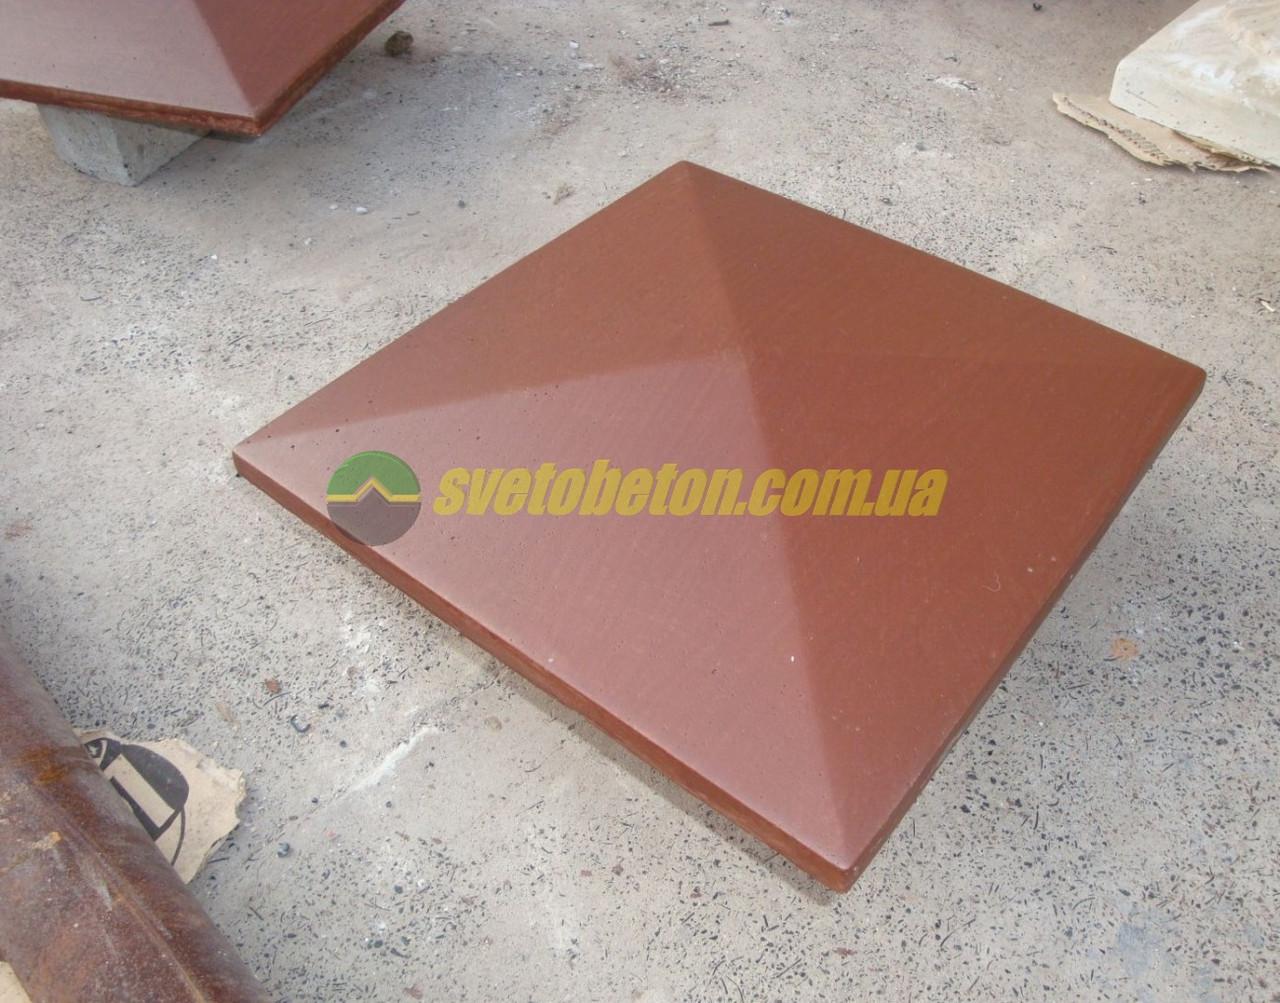 Крышка колпак на столб забора бетонная, шляпка 305х305, плита накрытие парапета колонны из бетона.